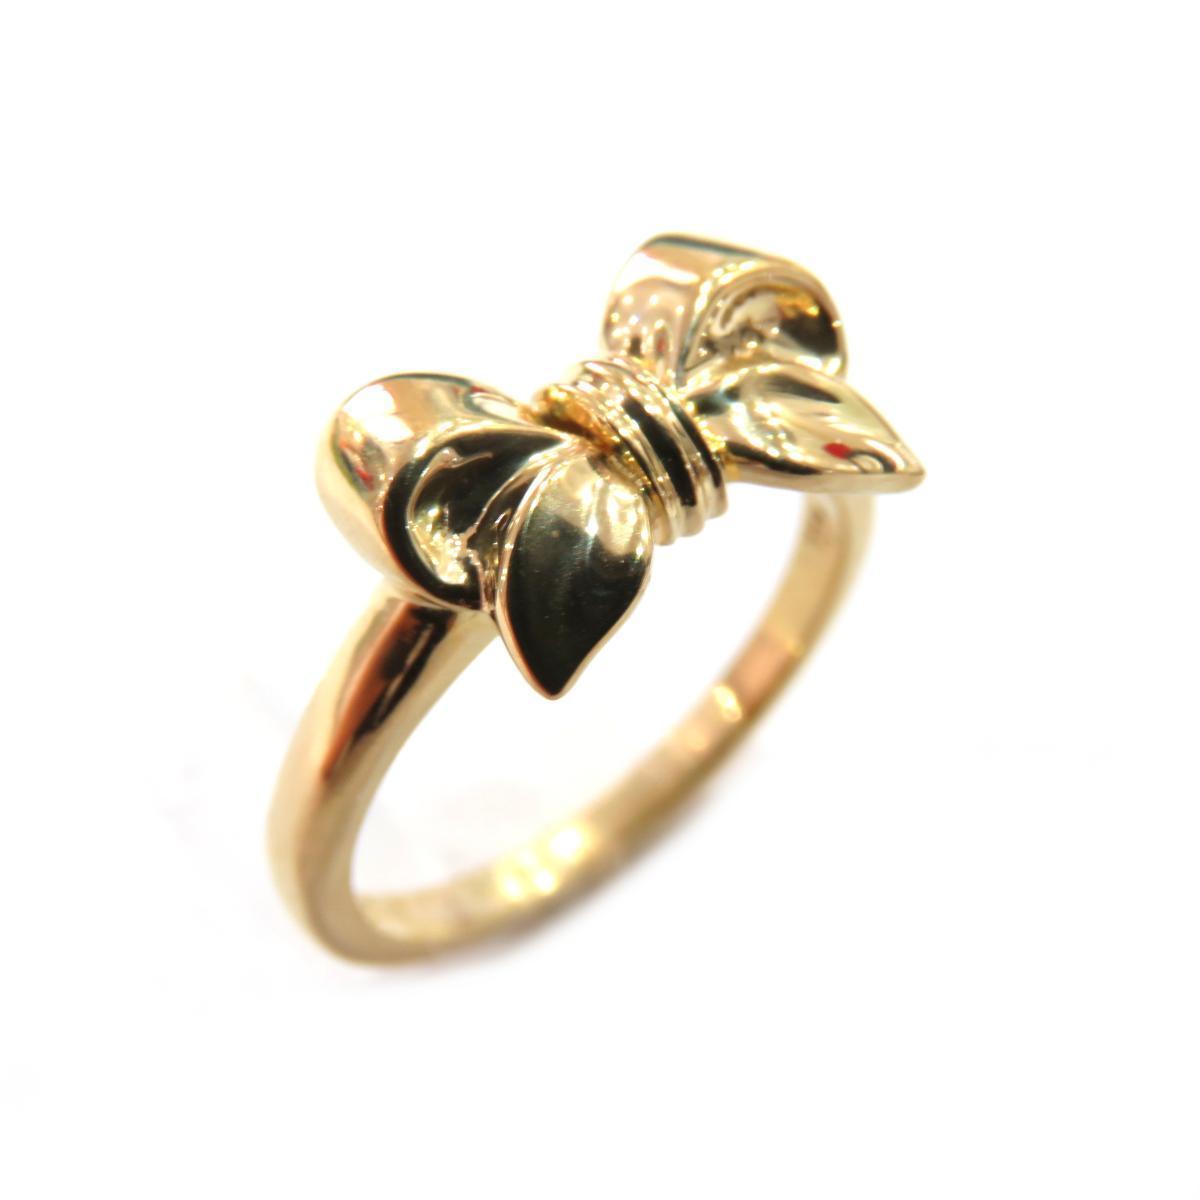 TIFFANY & CO Ribbon Ring Ladies K18YG (750) No. 8